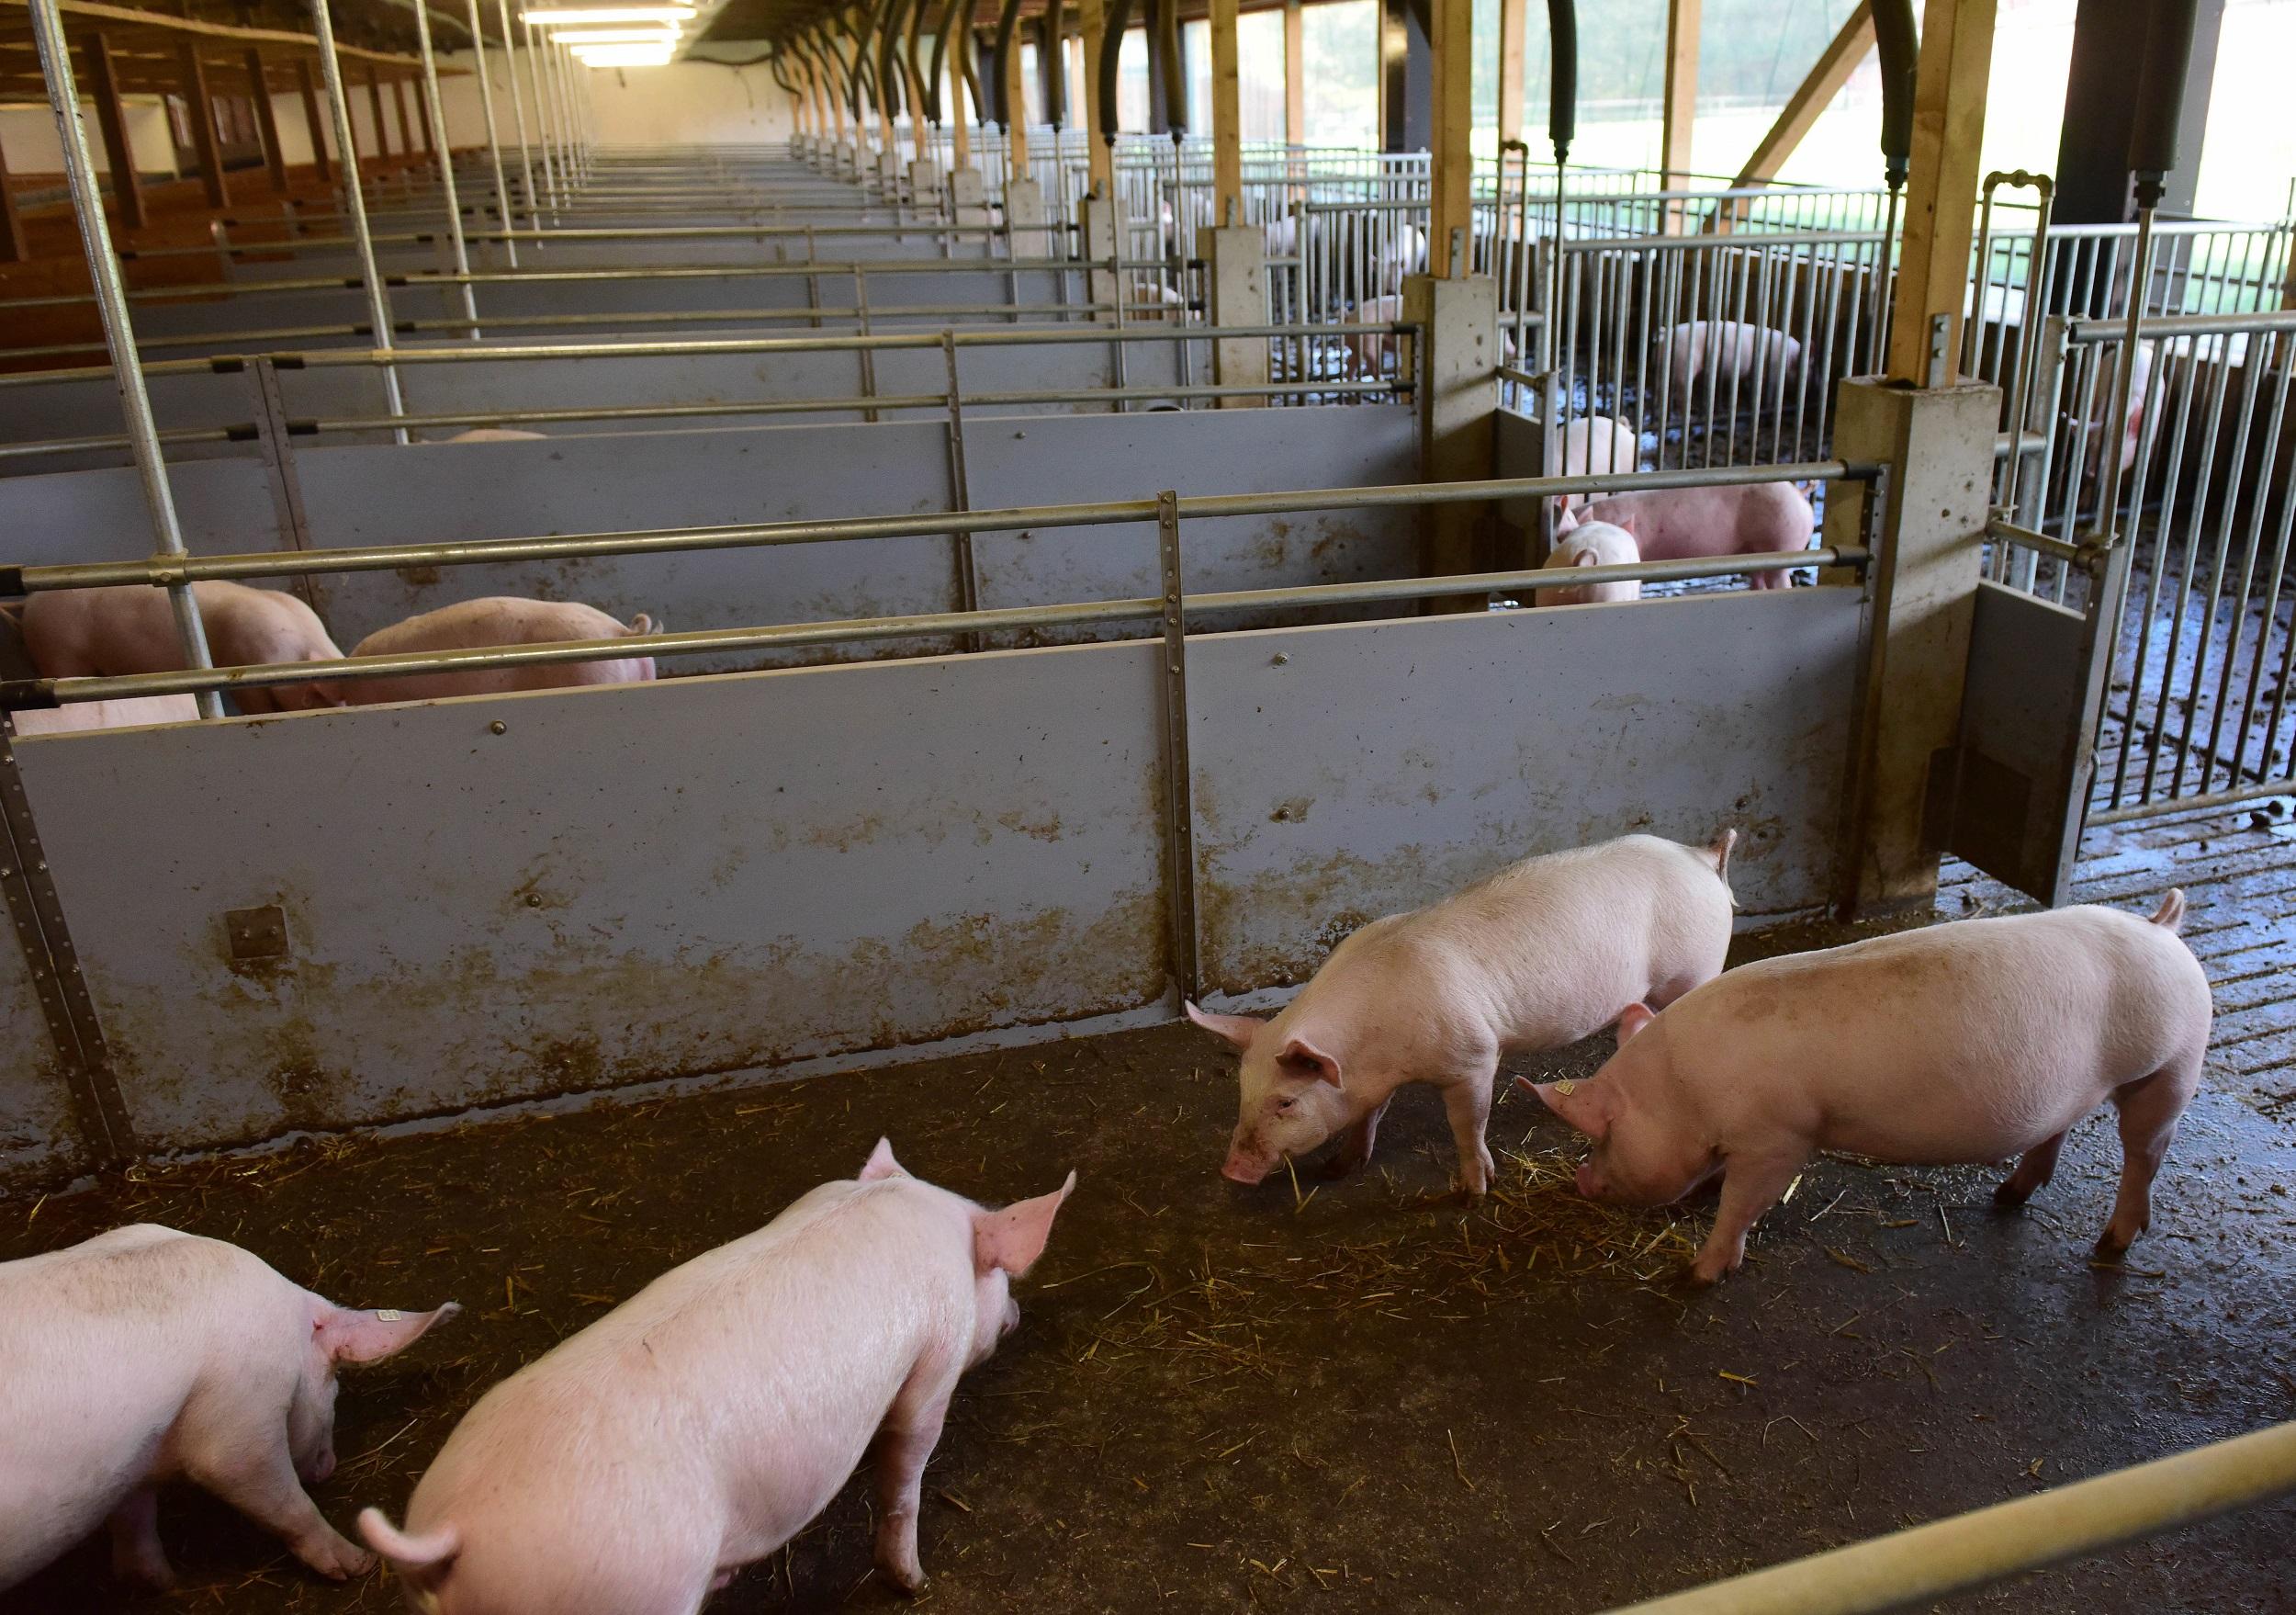 Ein Zukunftsmodell: In einem sogenannten Offenstall sind Schweine auch an der frischen Luft. Doch die Genehmigungen bleiben weiter schwierig. Foto: dpa/Pentermann